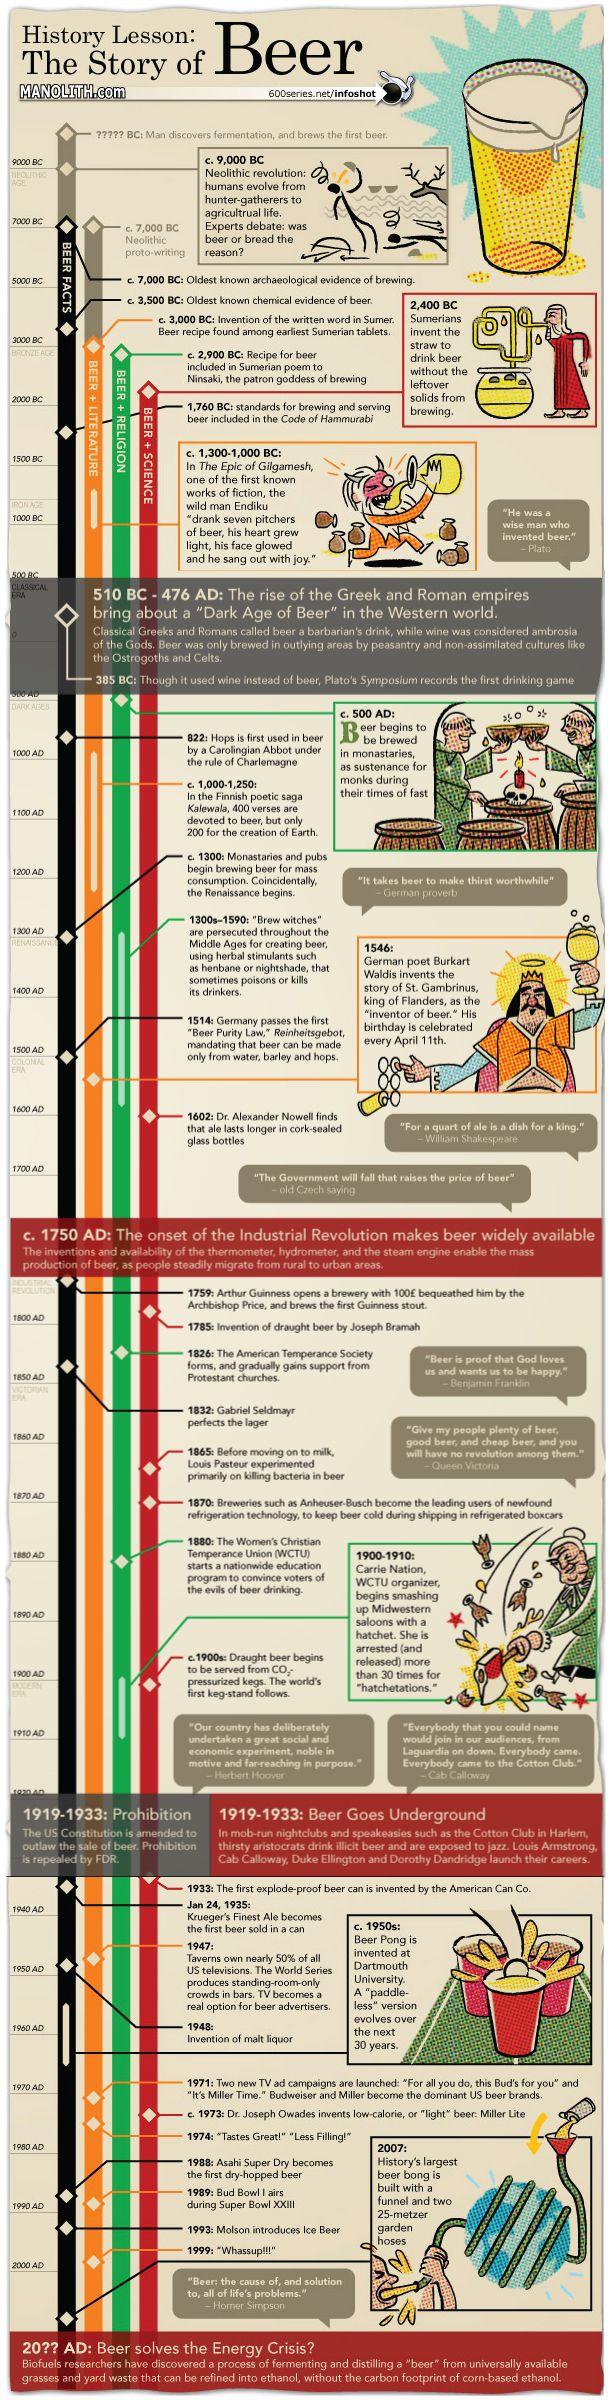 Un pò di storia su una delle più diffuse e antiche #bevande del mondo andando indietro nel tempo di circa 11mila anni. #infografica http://www.b-eat.it/digital/infografiche-sulla-birra